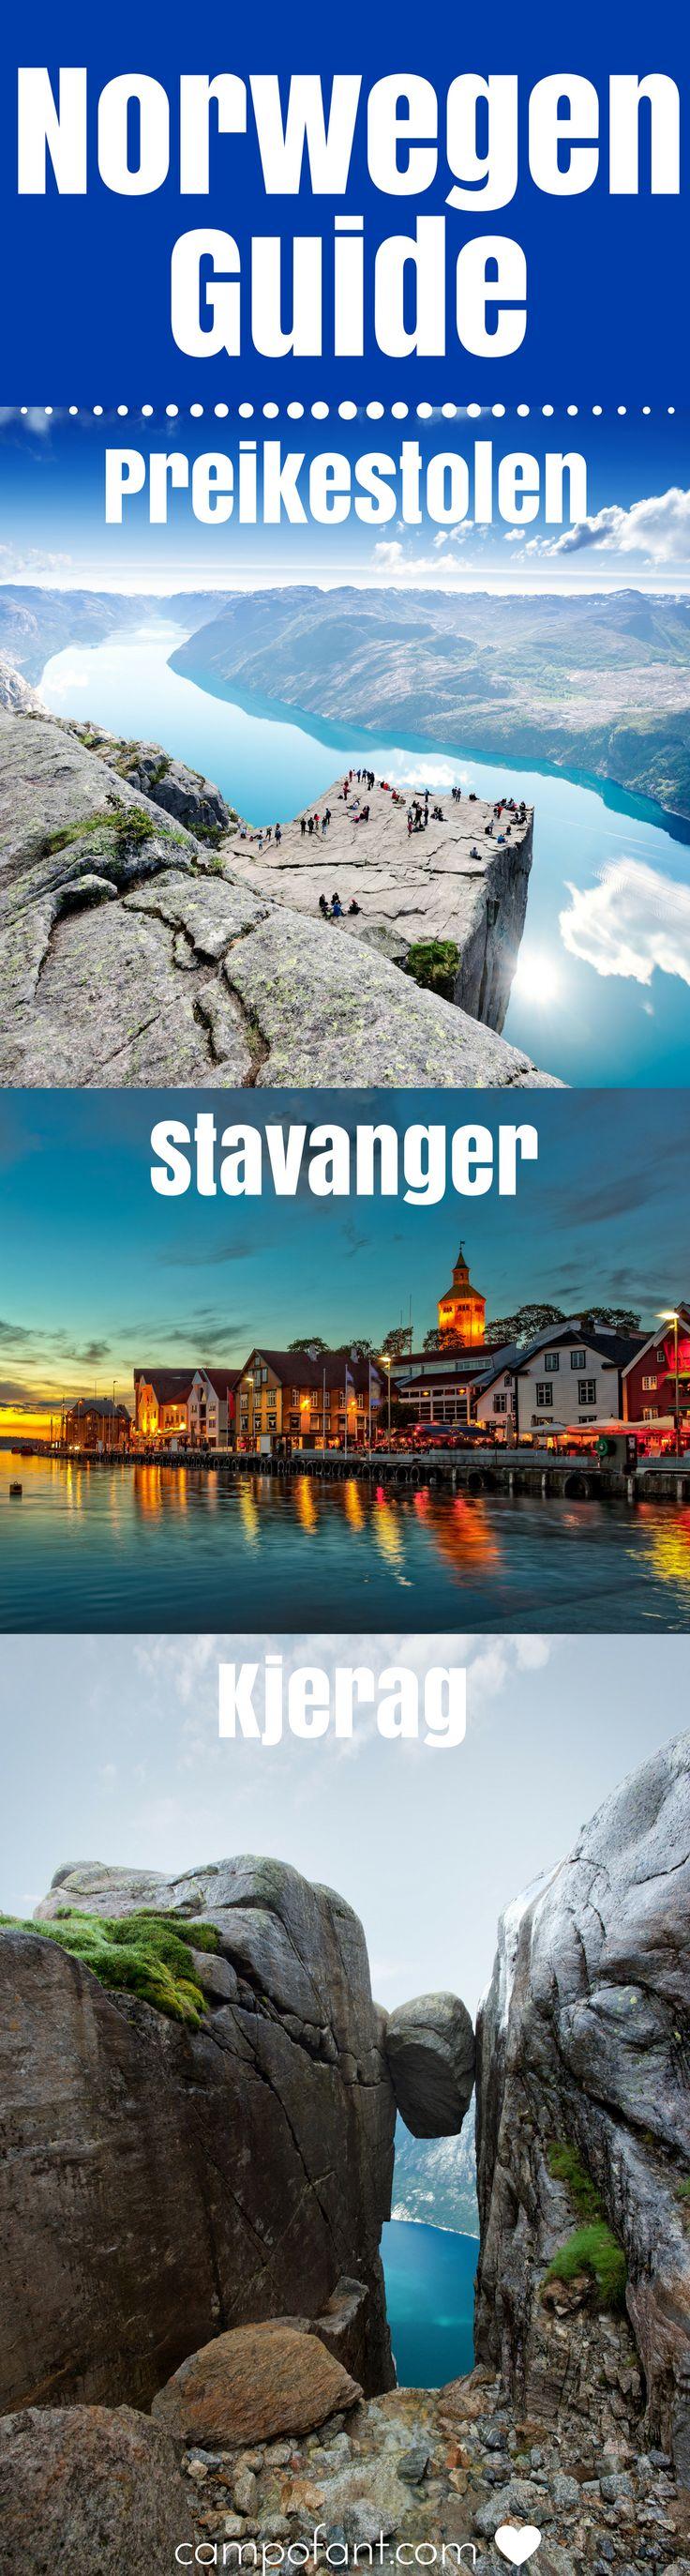 In diesem Norwegen Guide nehmen wir euch mit nach - Stavanger, - zum Preikestolen, - Rogaland, - zum Kjerag, - und zum Lysefjord. Wir sagen euch, was ihr bei einer Wanderung zum Preikestolen beachten müsst, welche Sehenswürdigkeiten es in Stavanger und der Region Rogaland gibt und wie ihr zum Kjerag kommt. Eine der schönsten Regionen Norwegens wartet nur darauf entdeckt zu werden. Mit unserem Norwegen Guide weißt du, was es zu erleben gibt. #norwegen #guide #preikestolen #kjerag #rogaland…